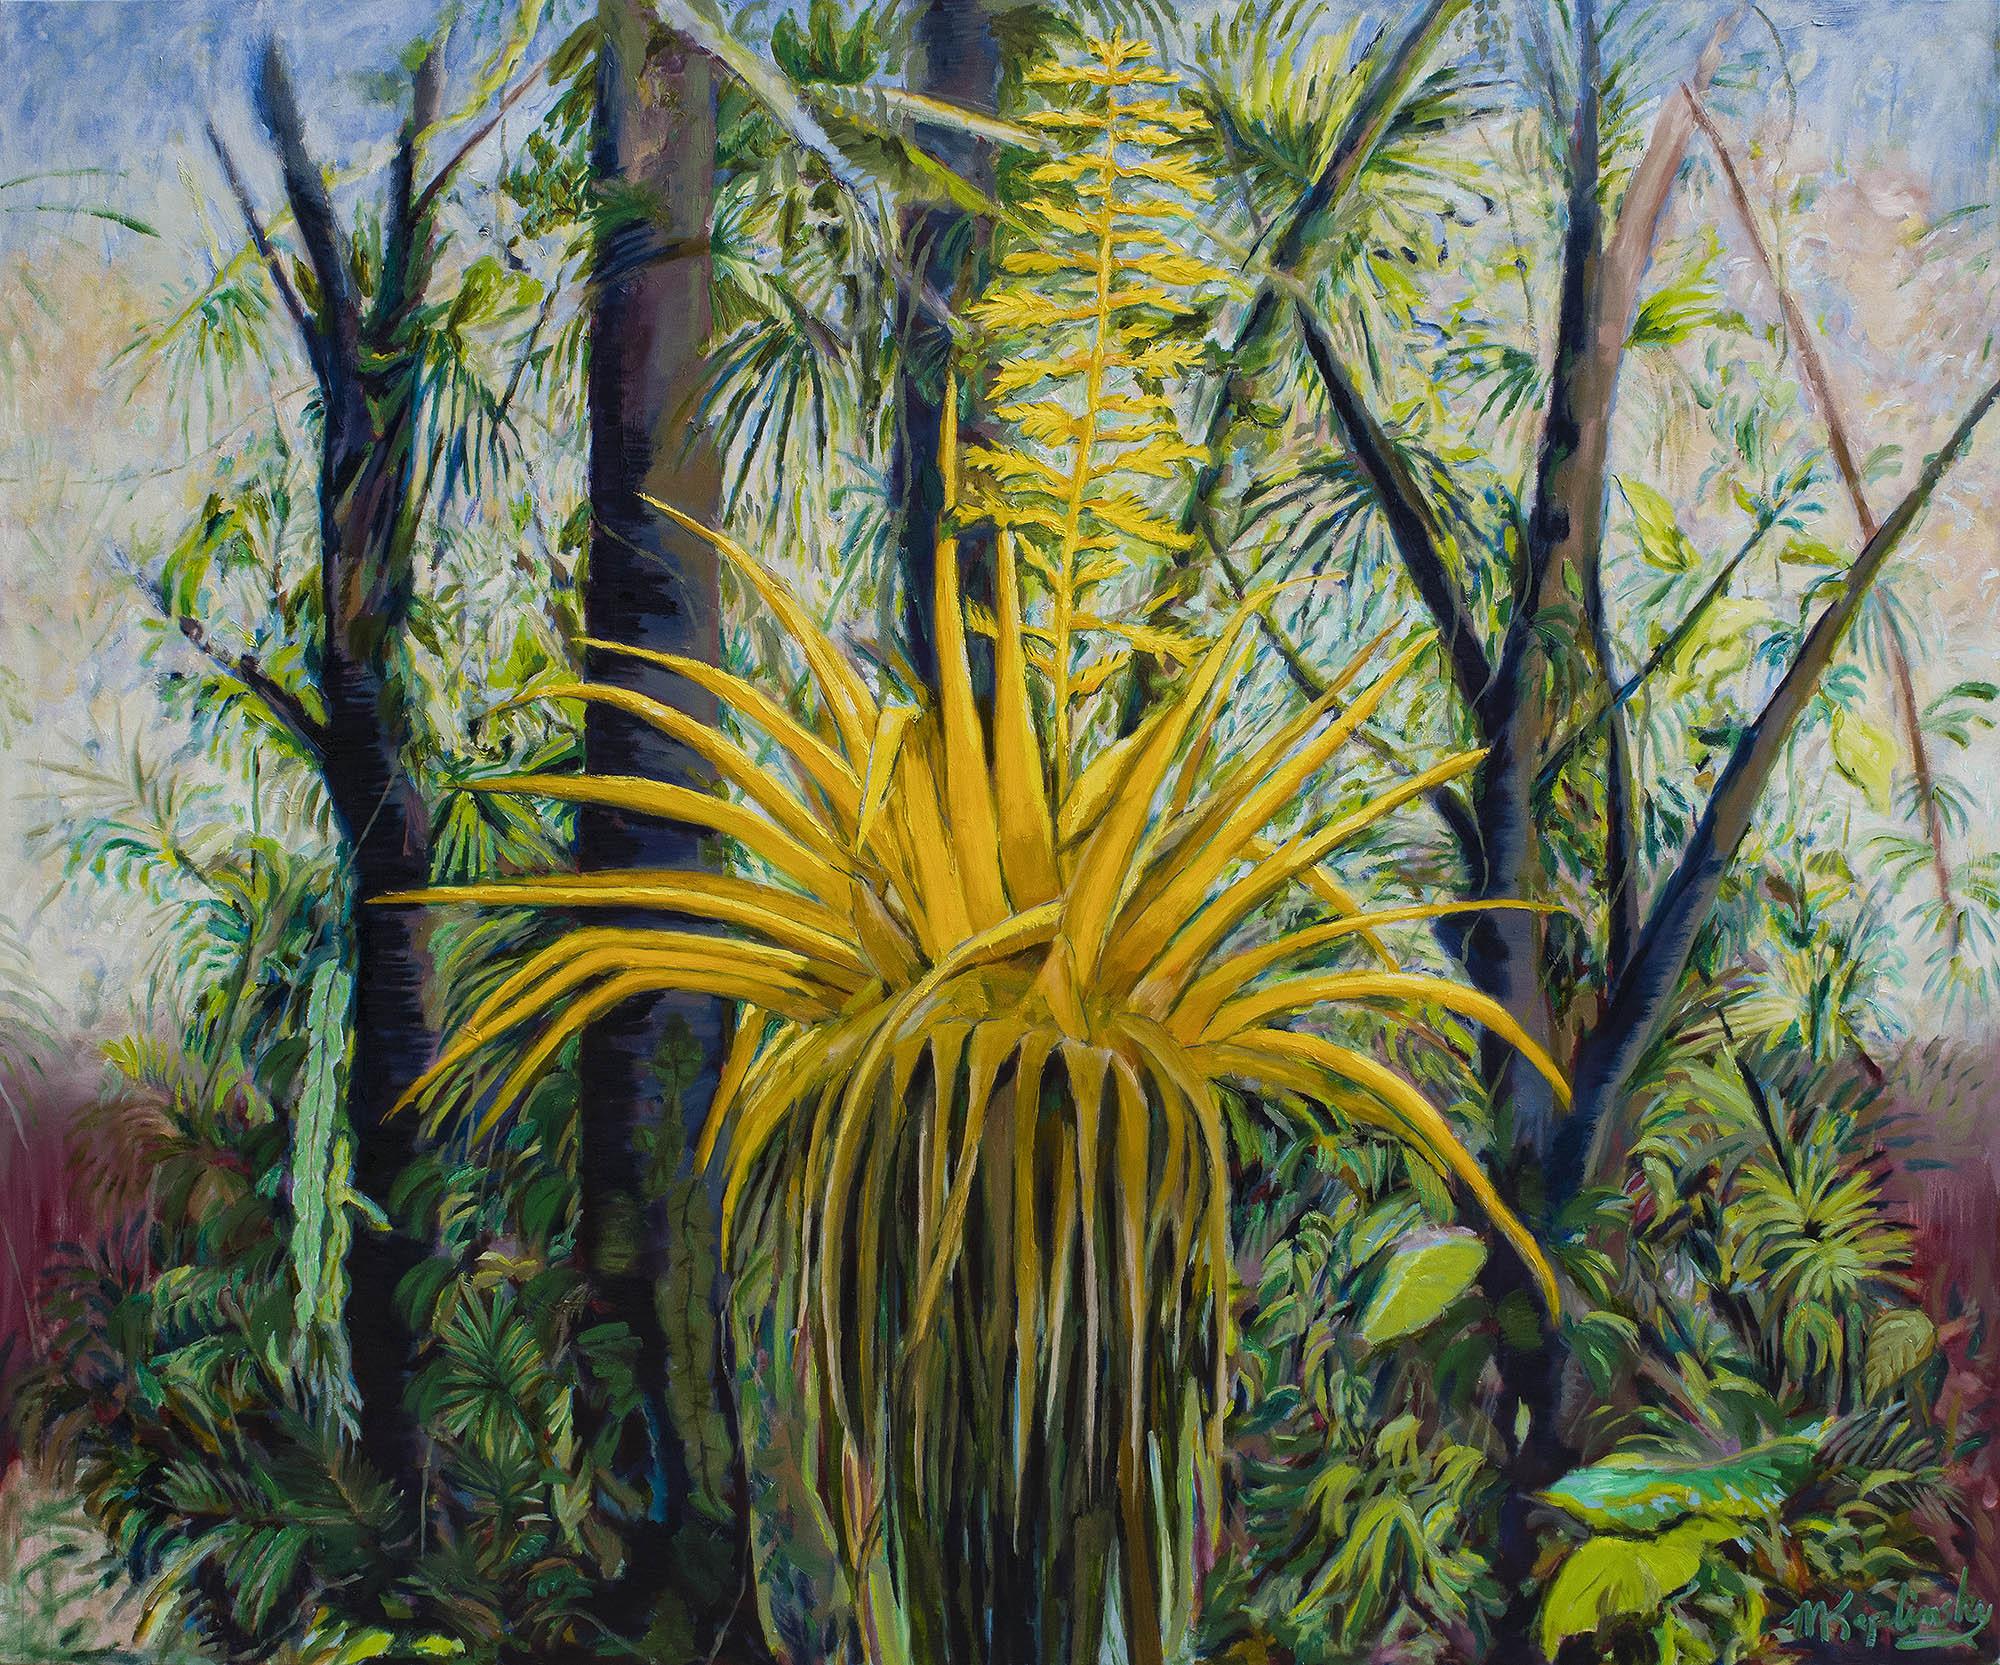 Sunrise Costa Rica - $8000